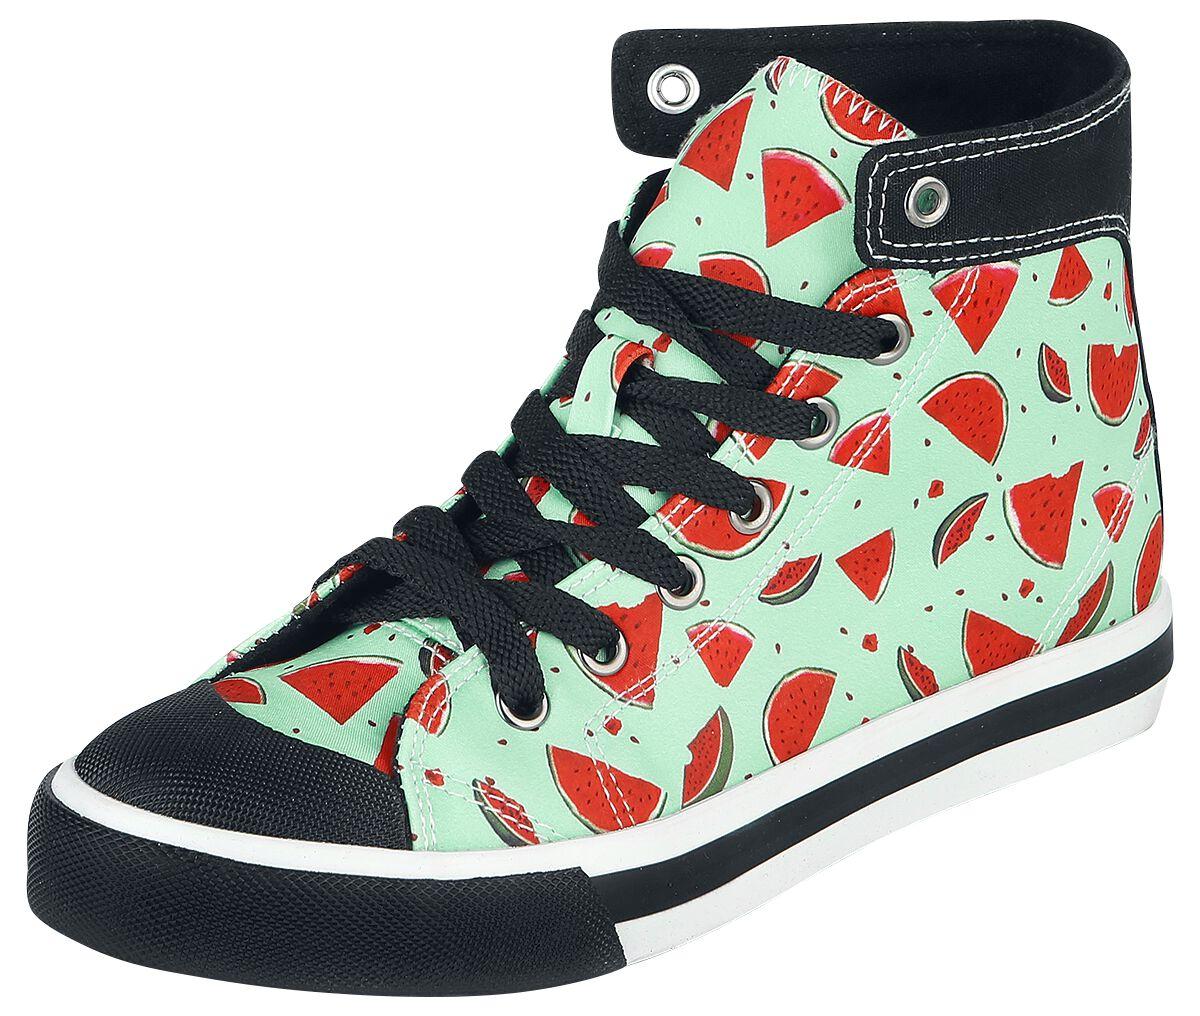 Sneakers für Frauen - Pussy Deluxe Lovely Watermelon Sneaker Sneaker high hellblau  - Onlineshop EMP